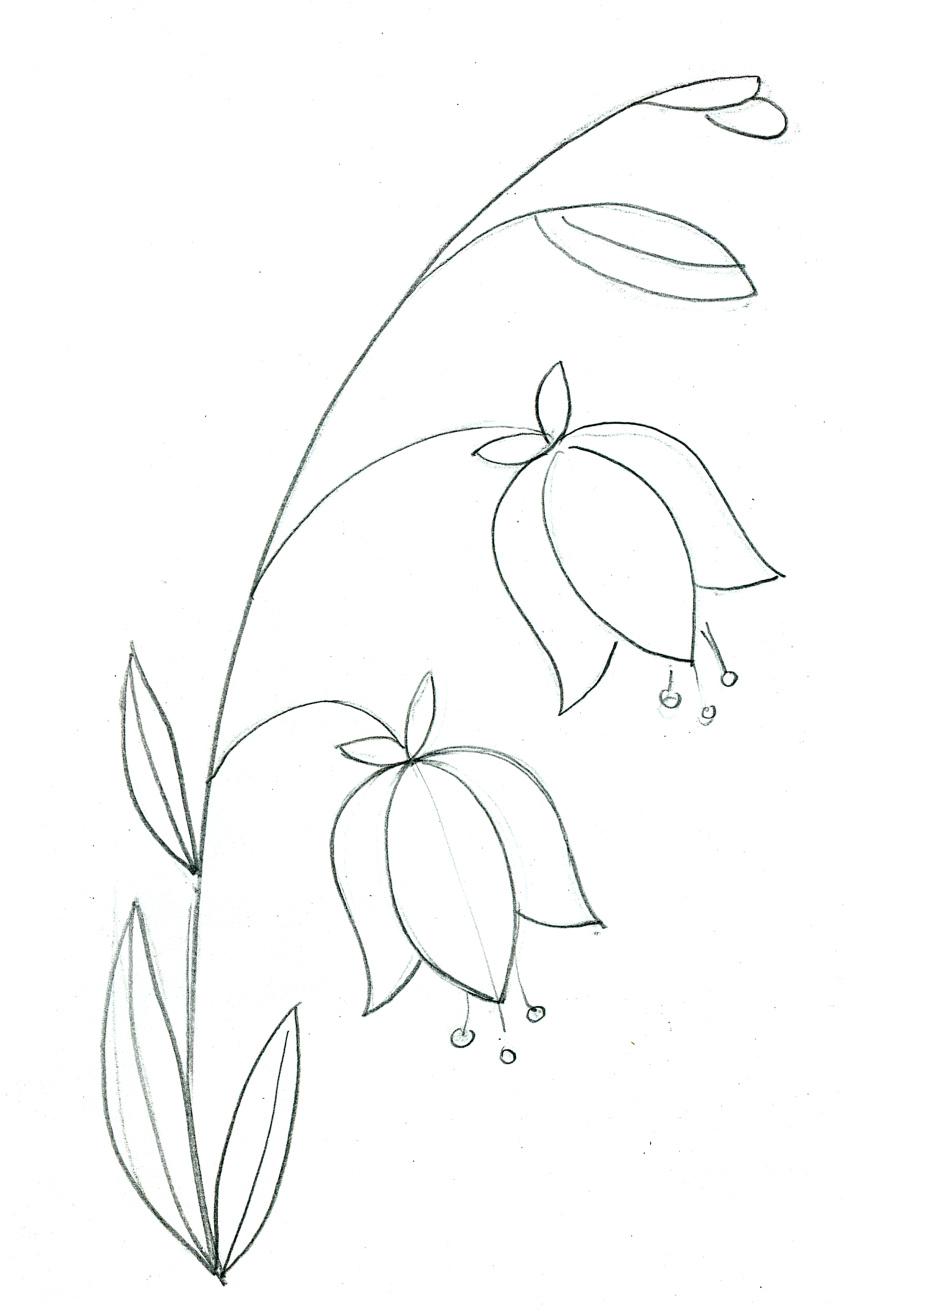 Рисунок в карандаше цветка колокольчика